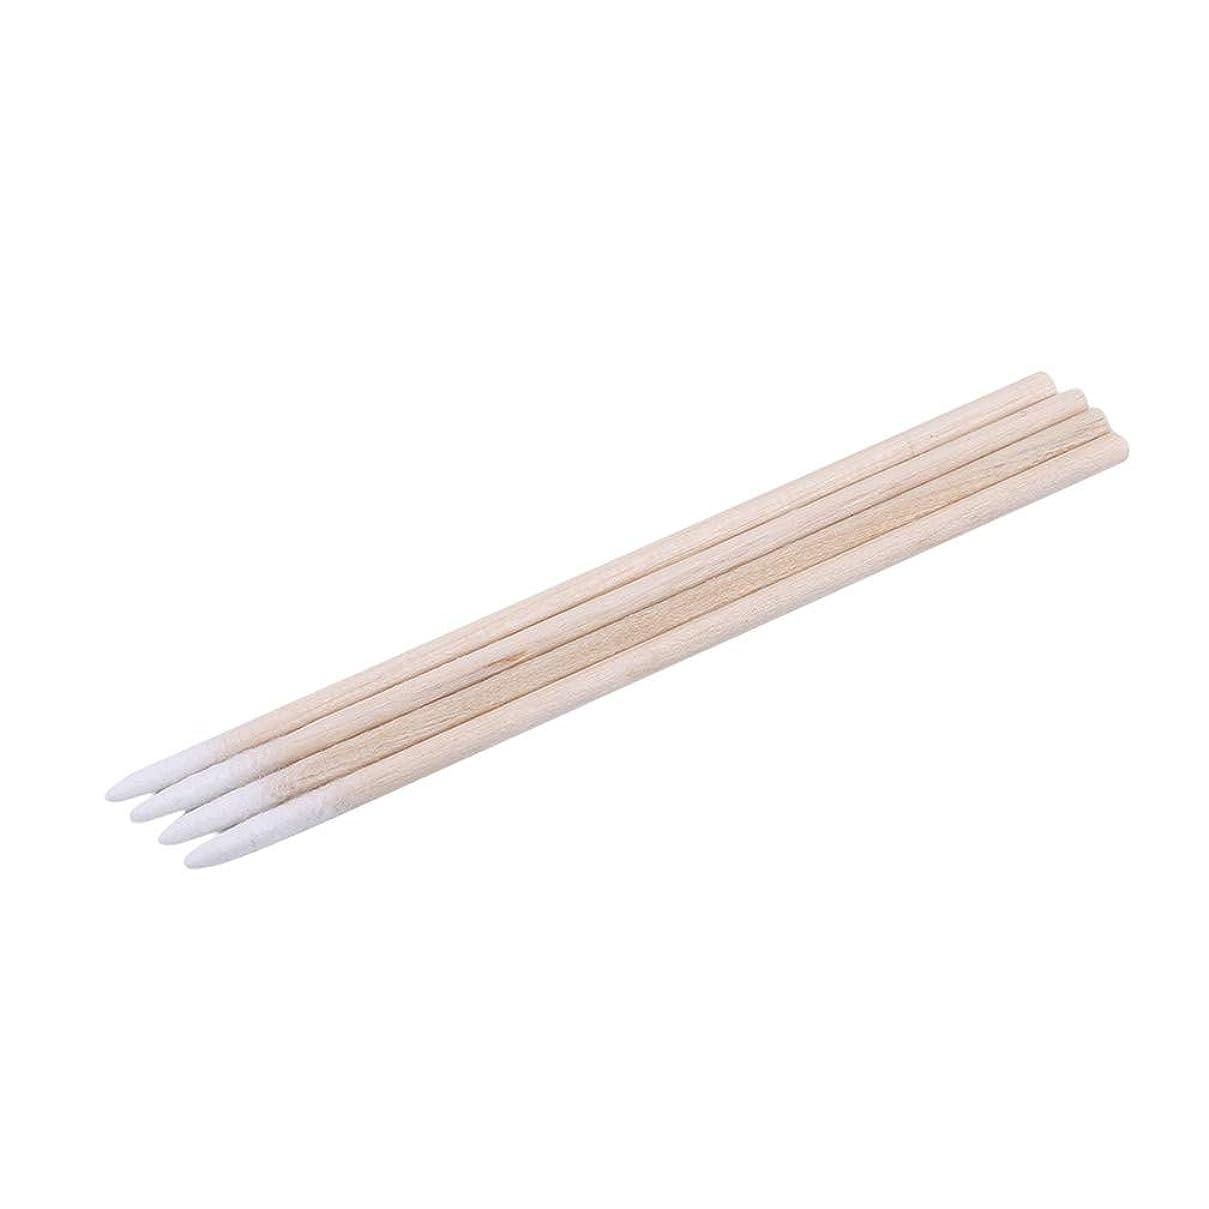 ペルセウス実行香ばしいLJSLYJ 300ピース木製ハンドル小さな先のとがったつま先ヘッド綿棒アイブロウ綿棒美容メイクカラーネイルステッチ綿棒ピッキング